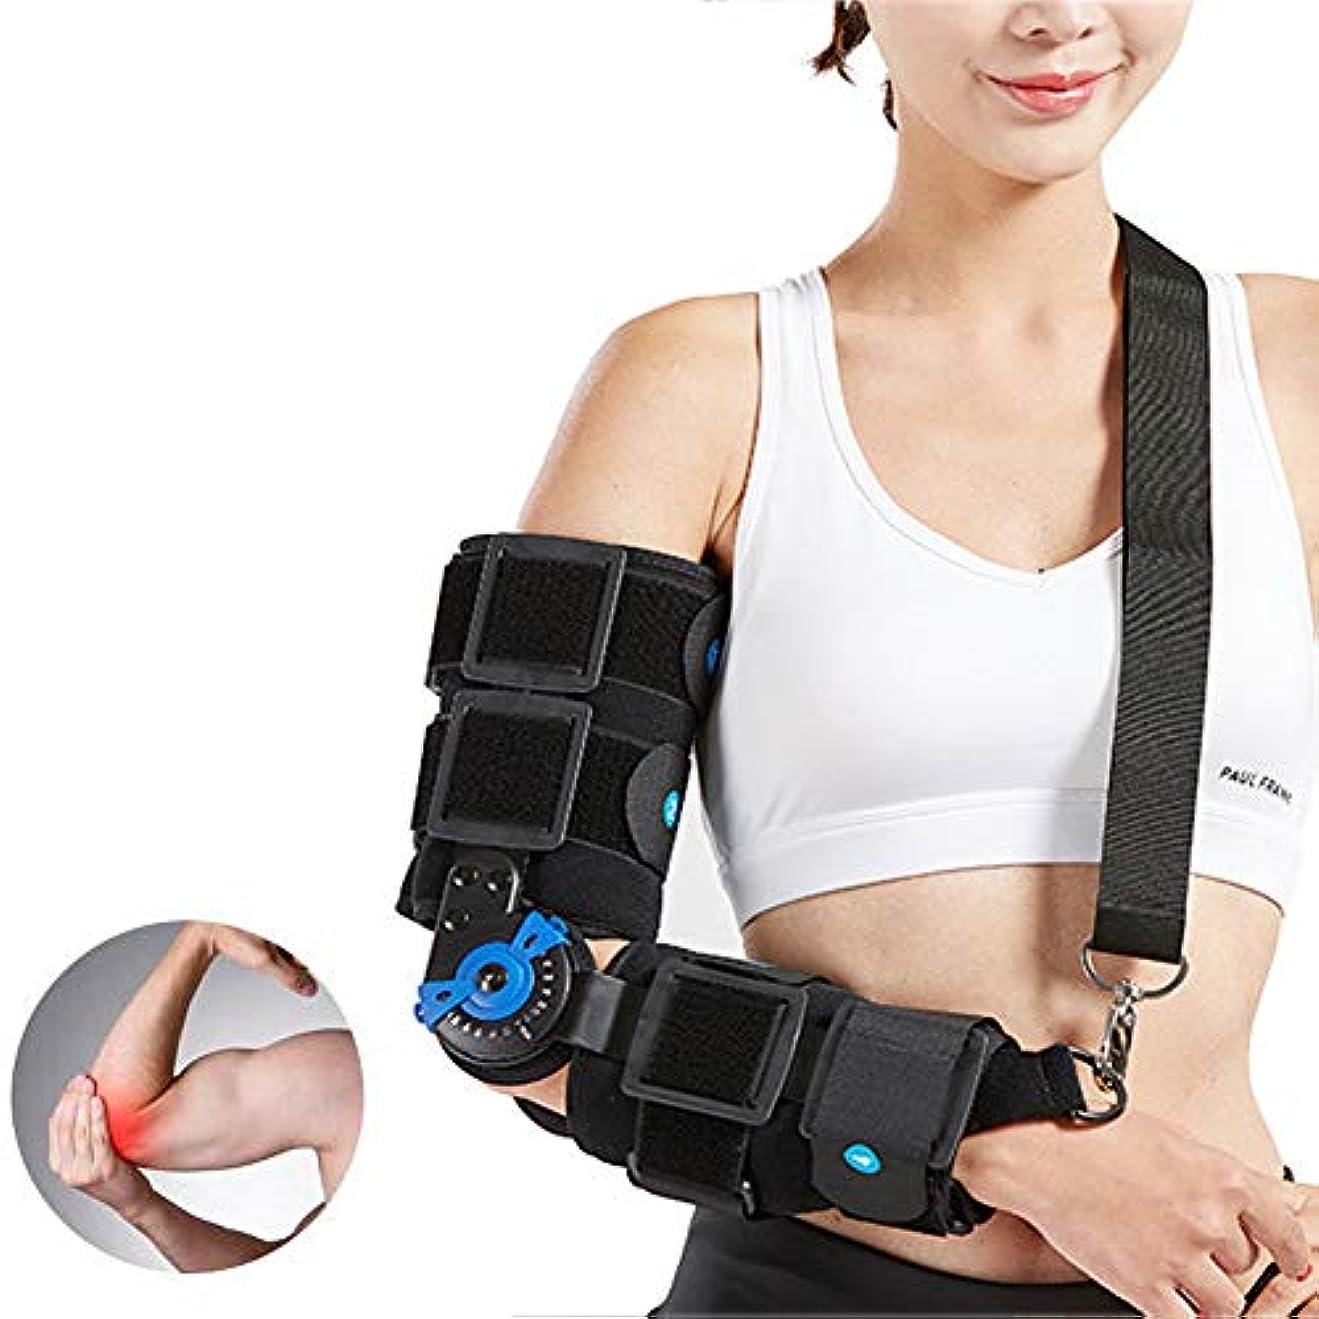 特派員カイウス宿命調節可能なアームスリングは手術前後の骨折用アームリフト、傷害回復、ワンサイズ - ユニセックス